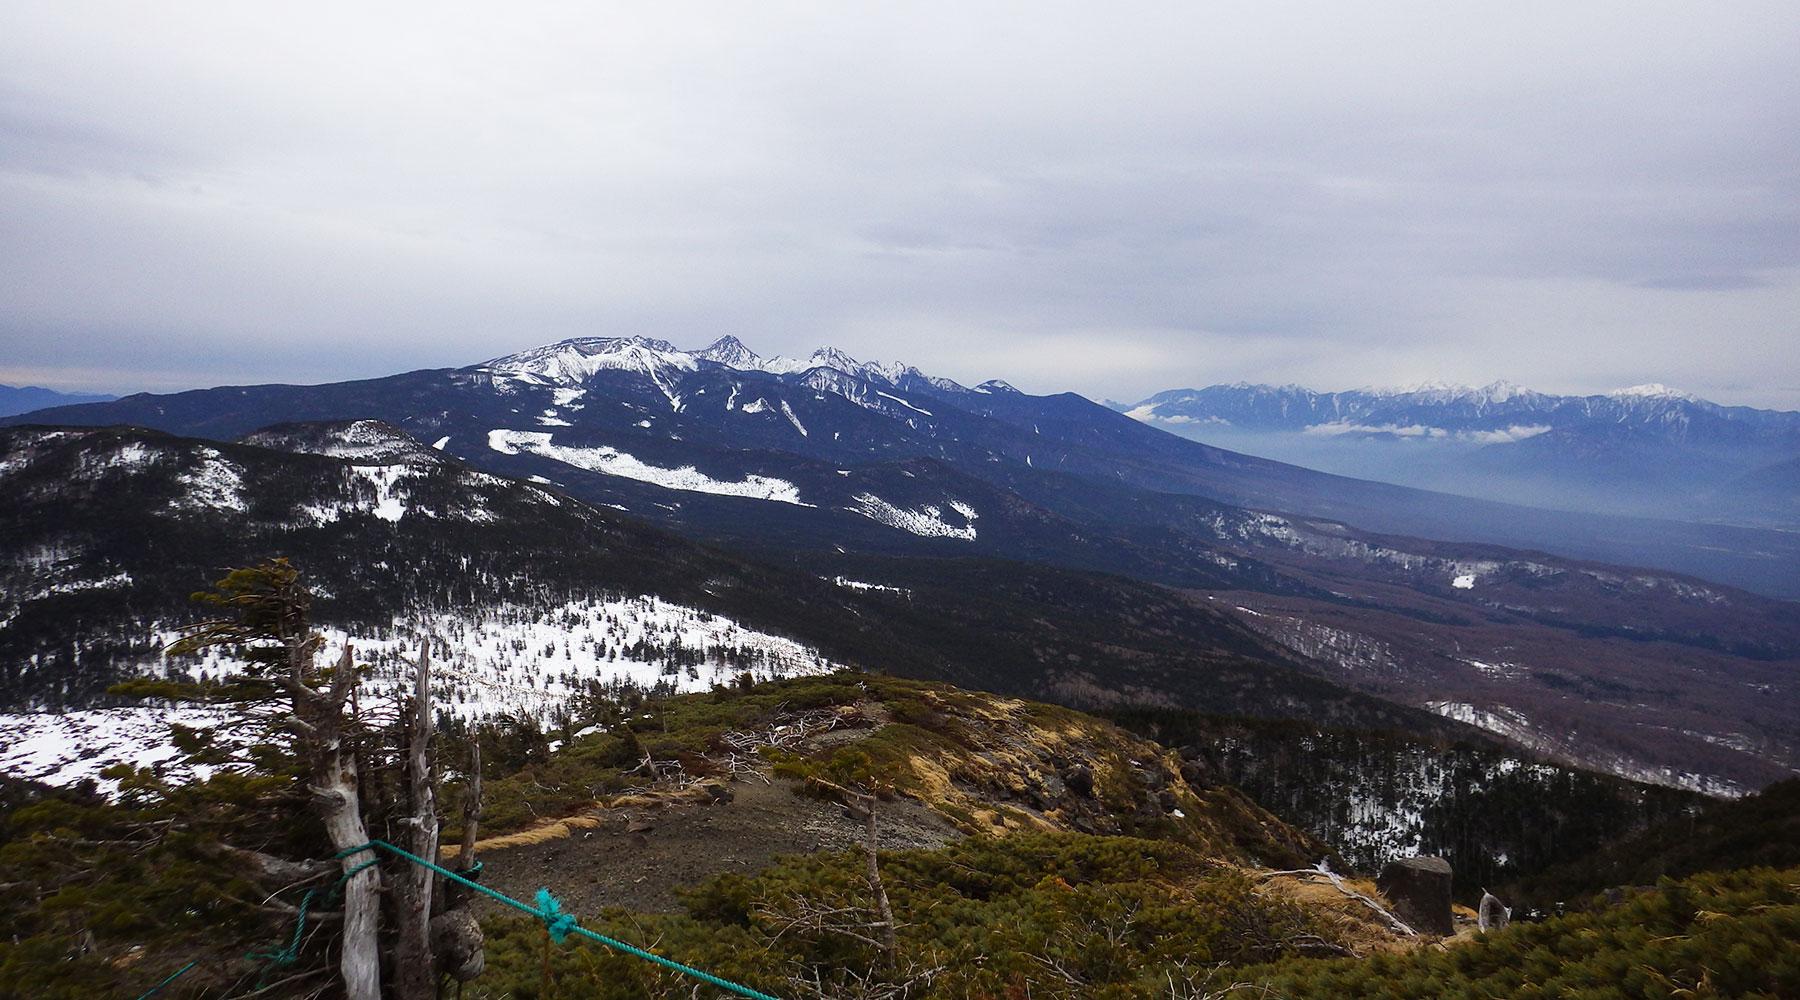 北八ヶ岳・北横岳南峰から見た南八ヶ岳方面